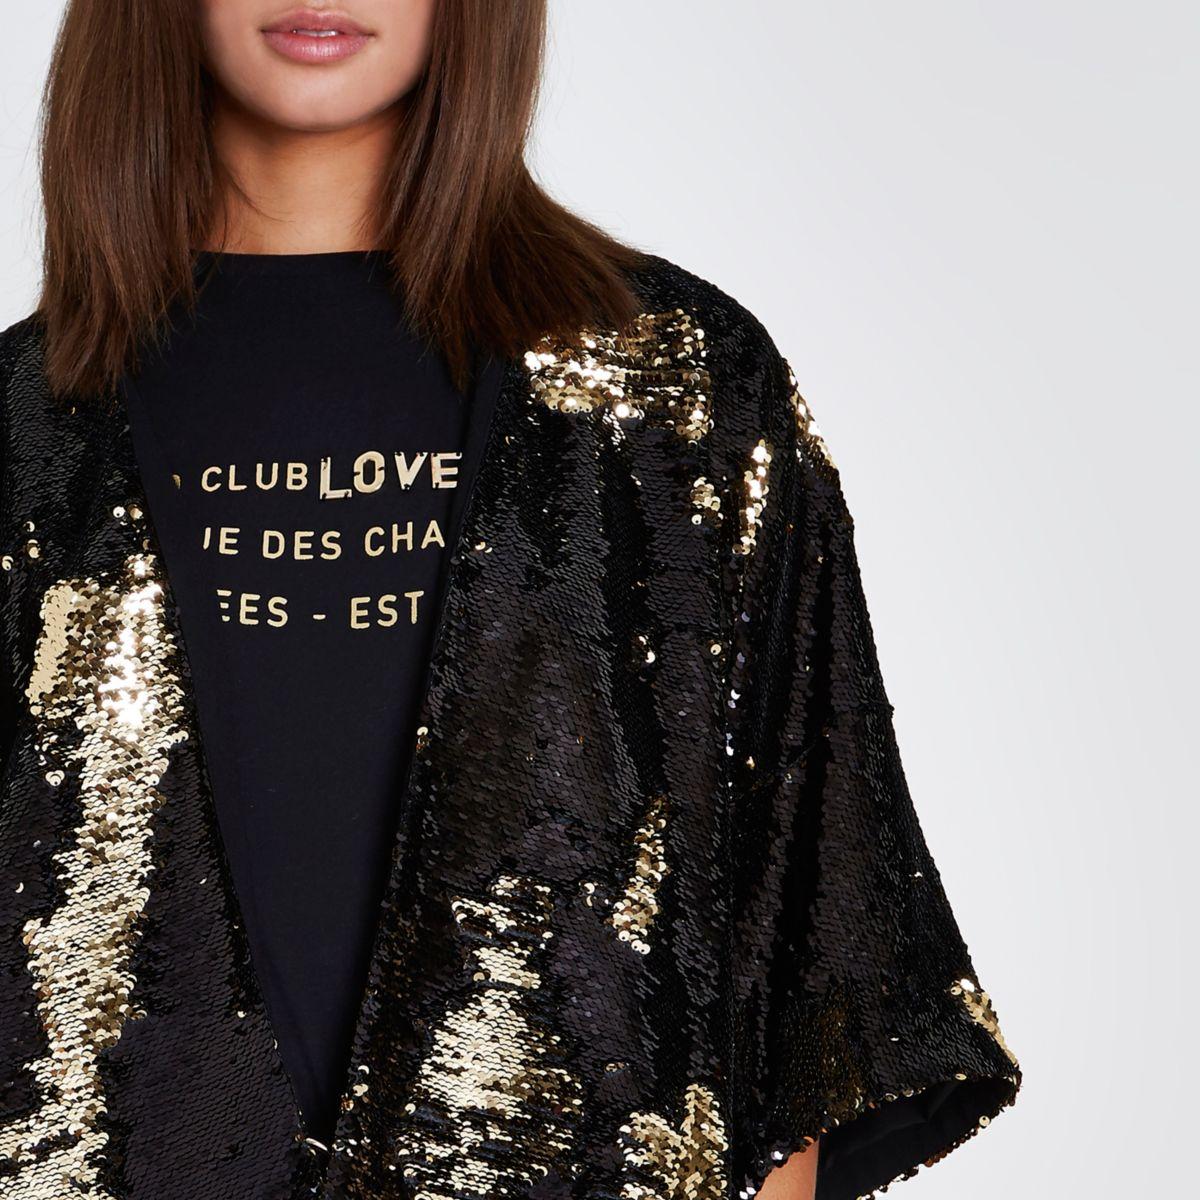 Kimono orné de sequins noir et doré